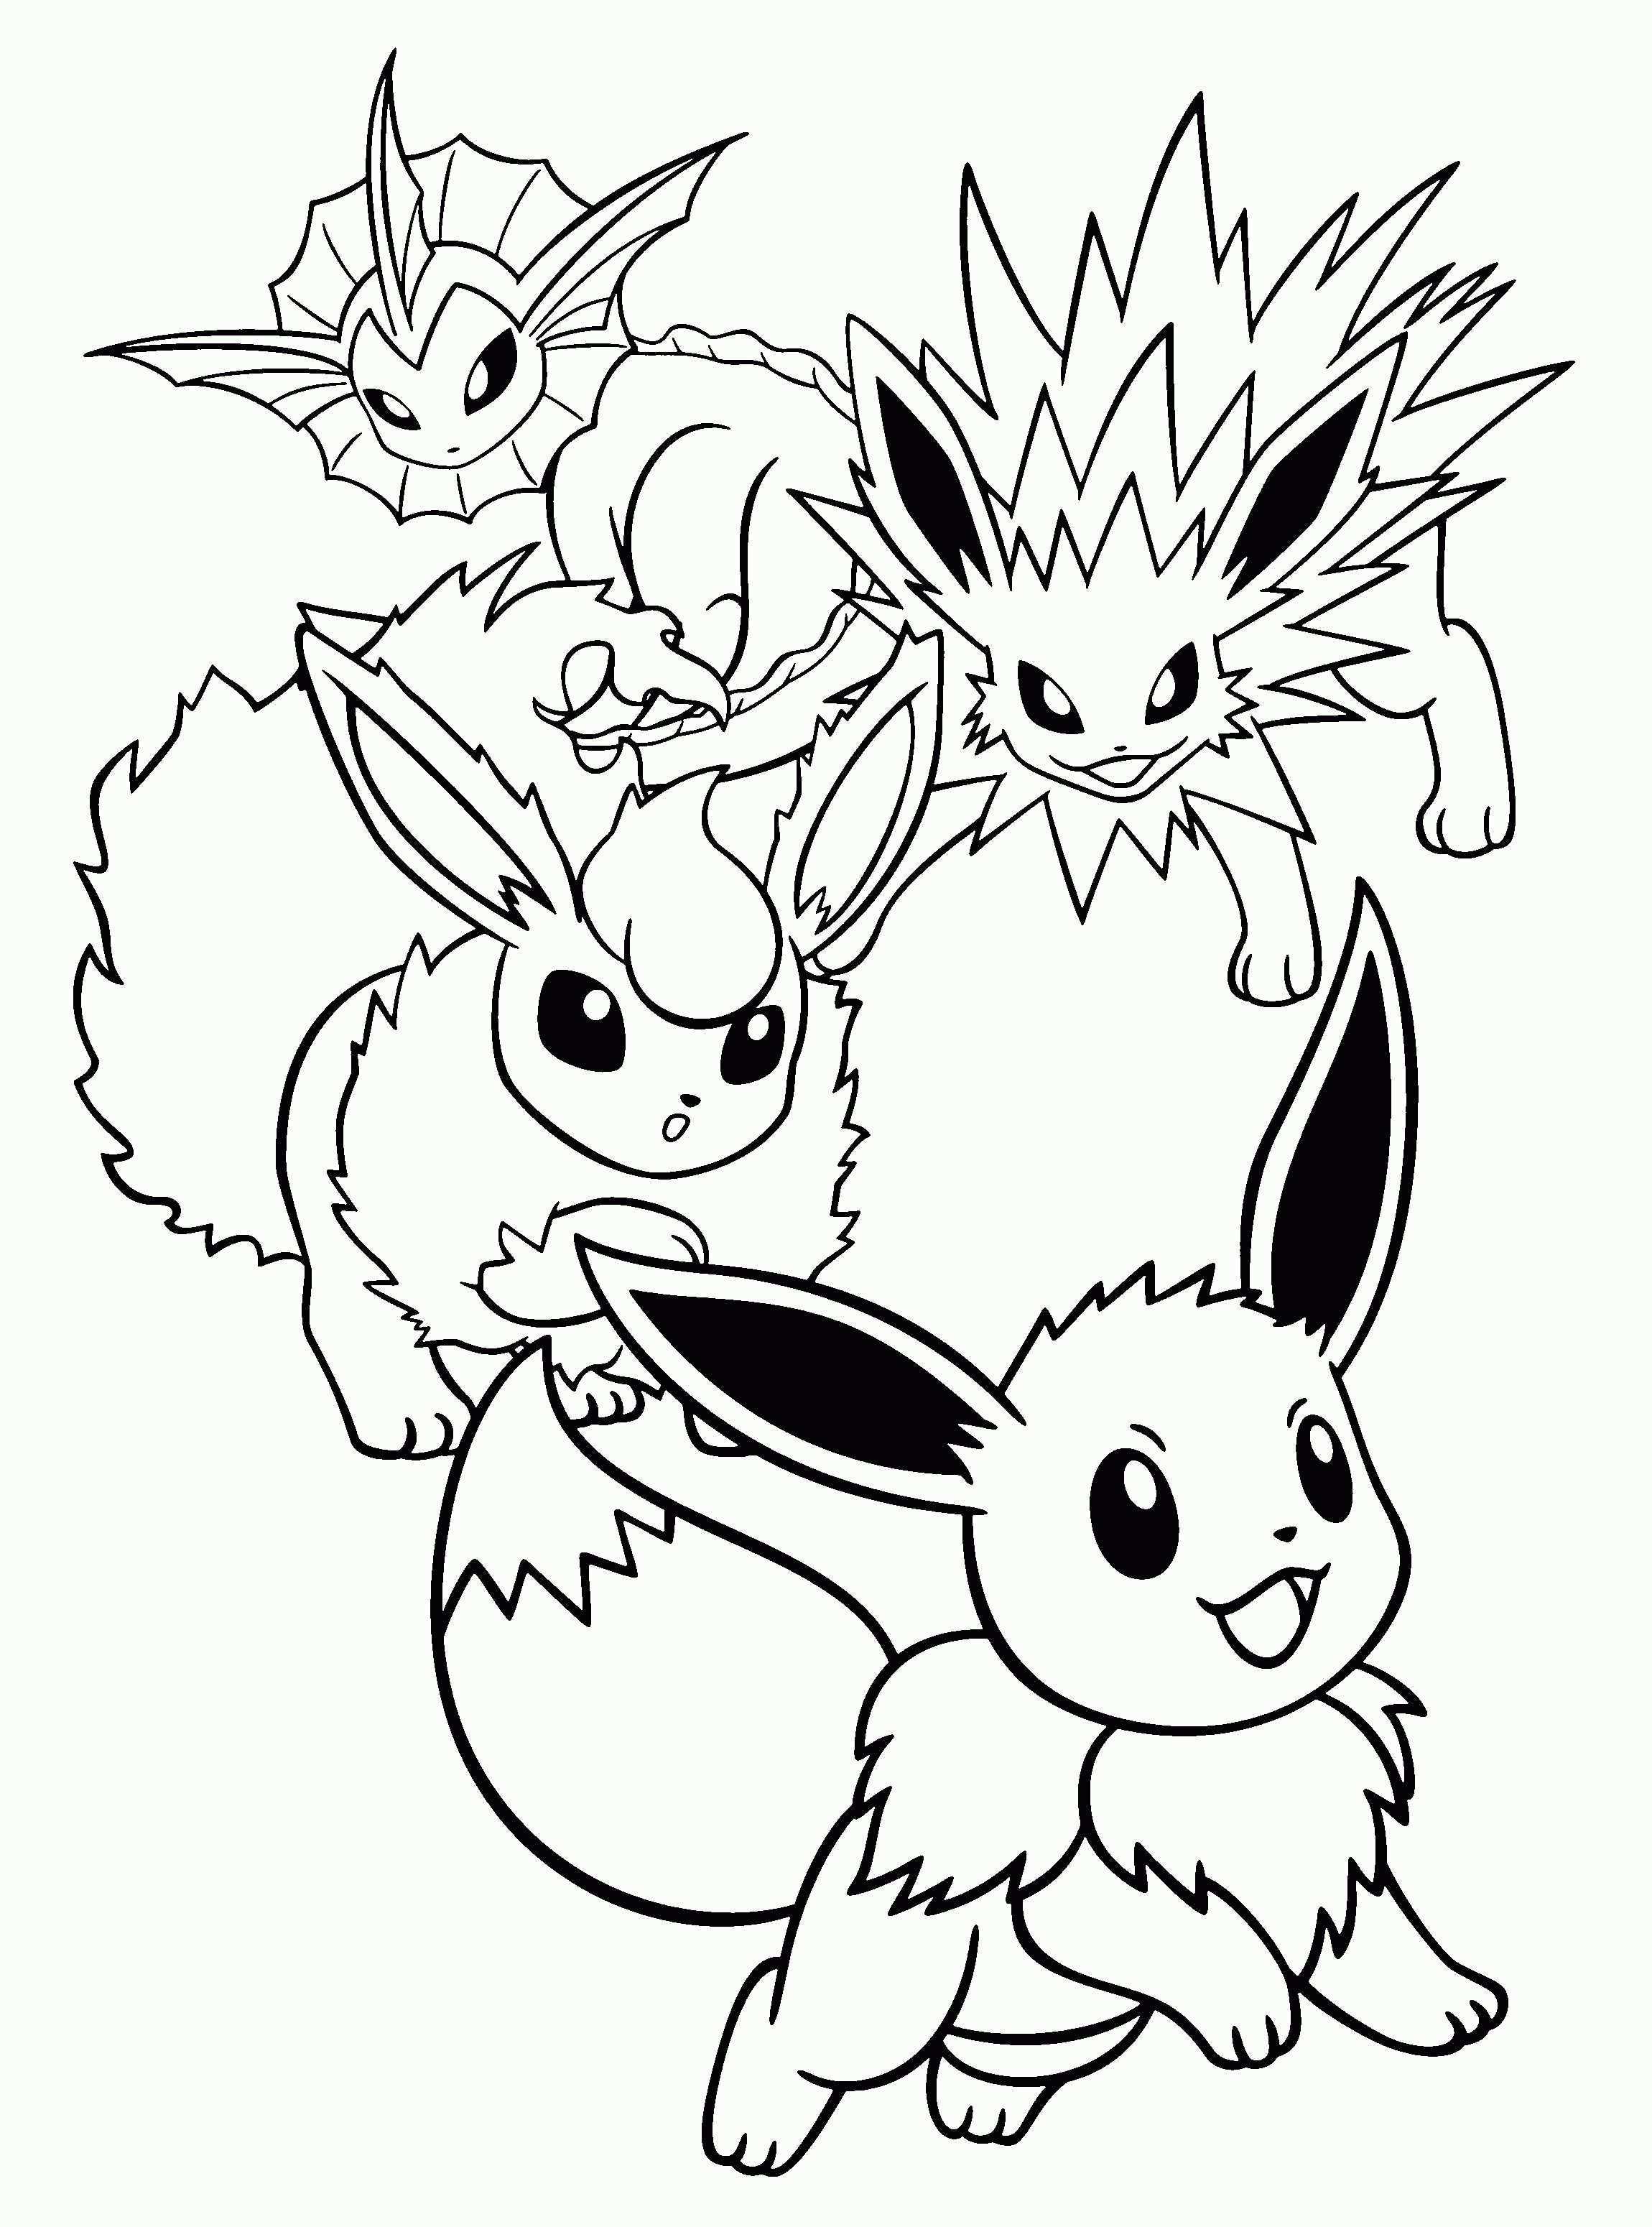 Pin Van De Alk Op Pokemon Kleurplaten Eenvoudige Tekeningen Pokemon